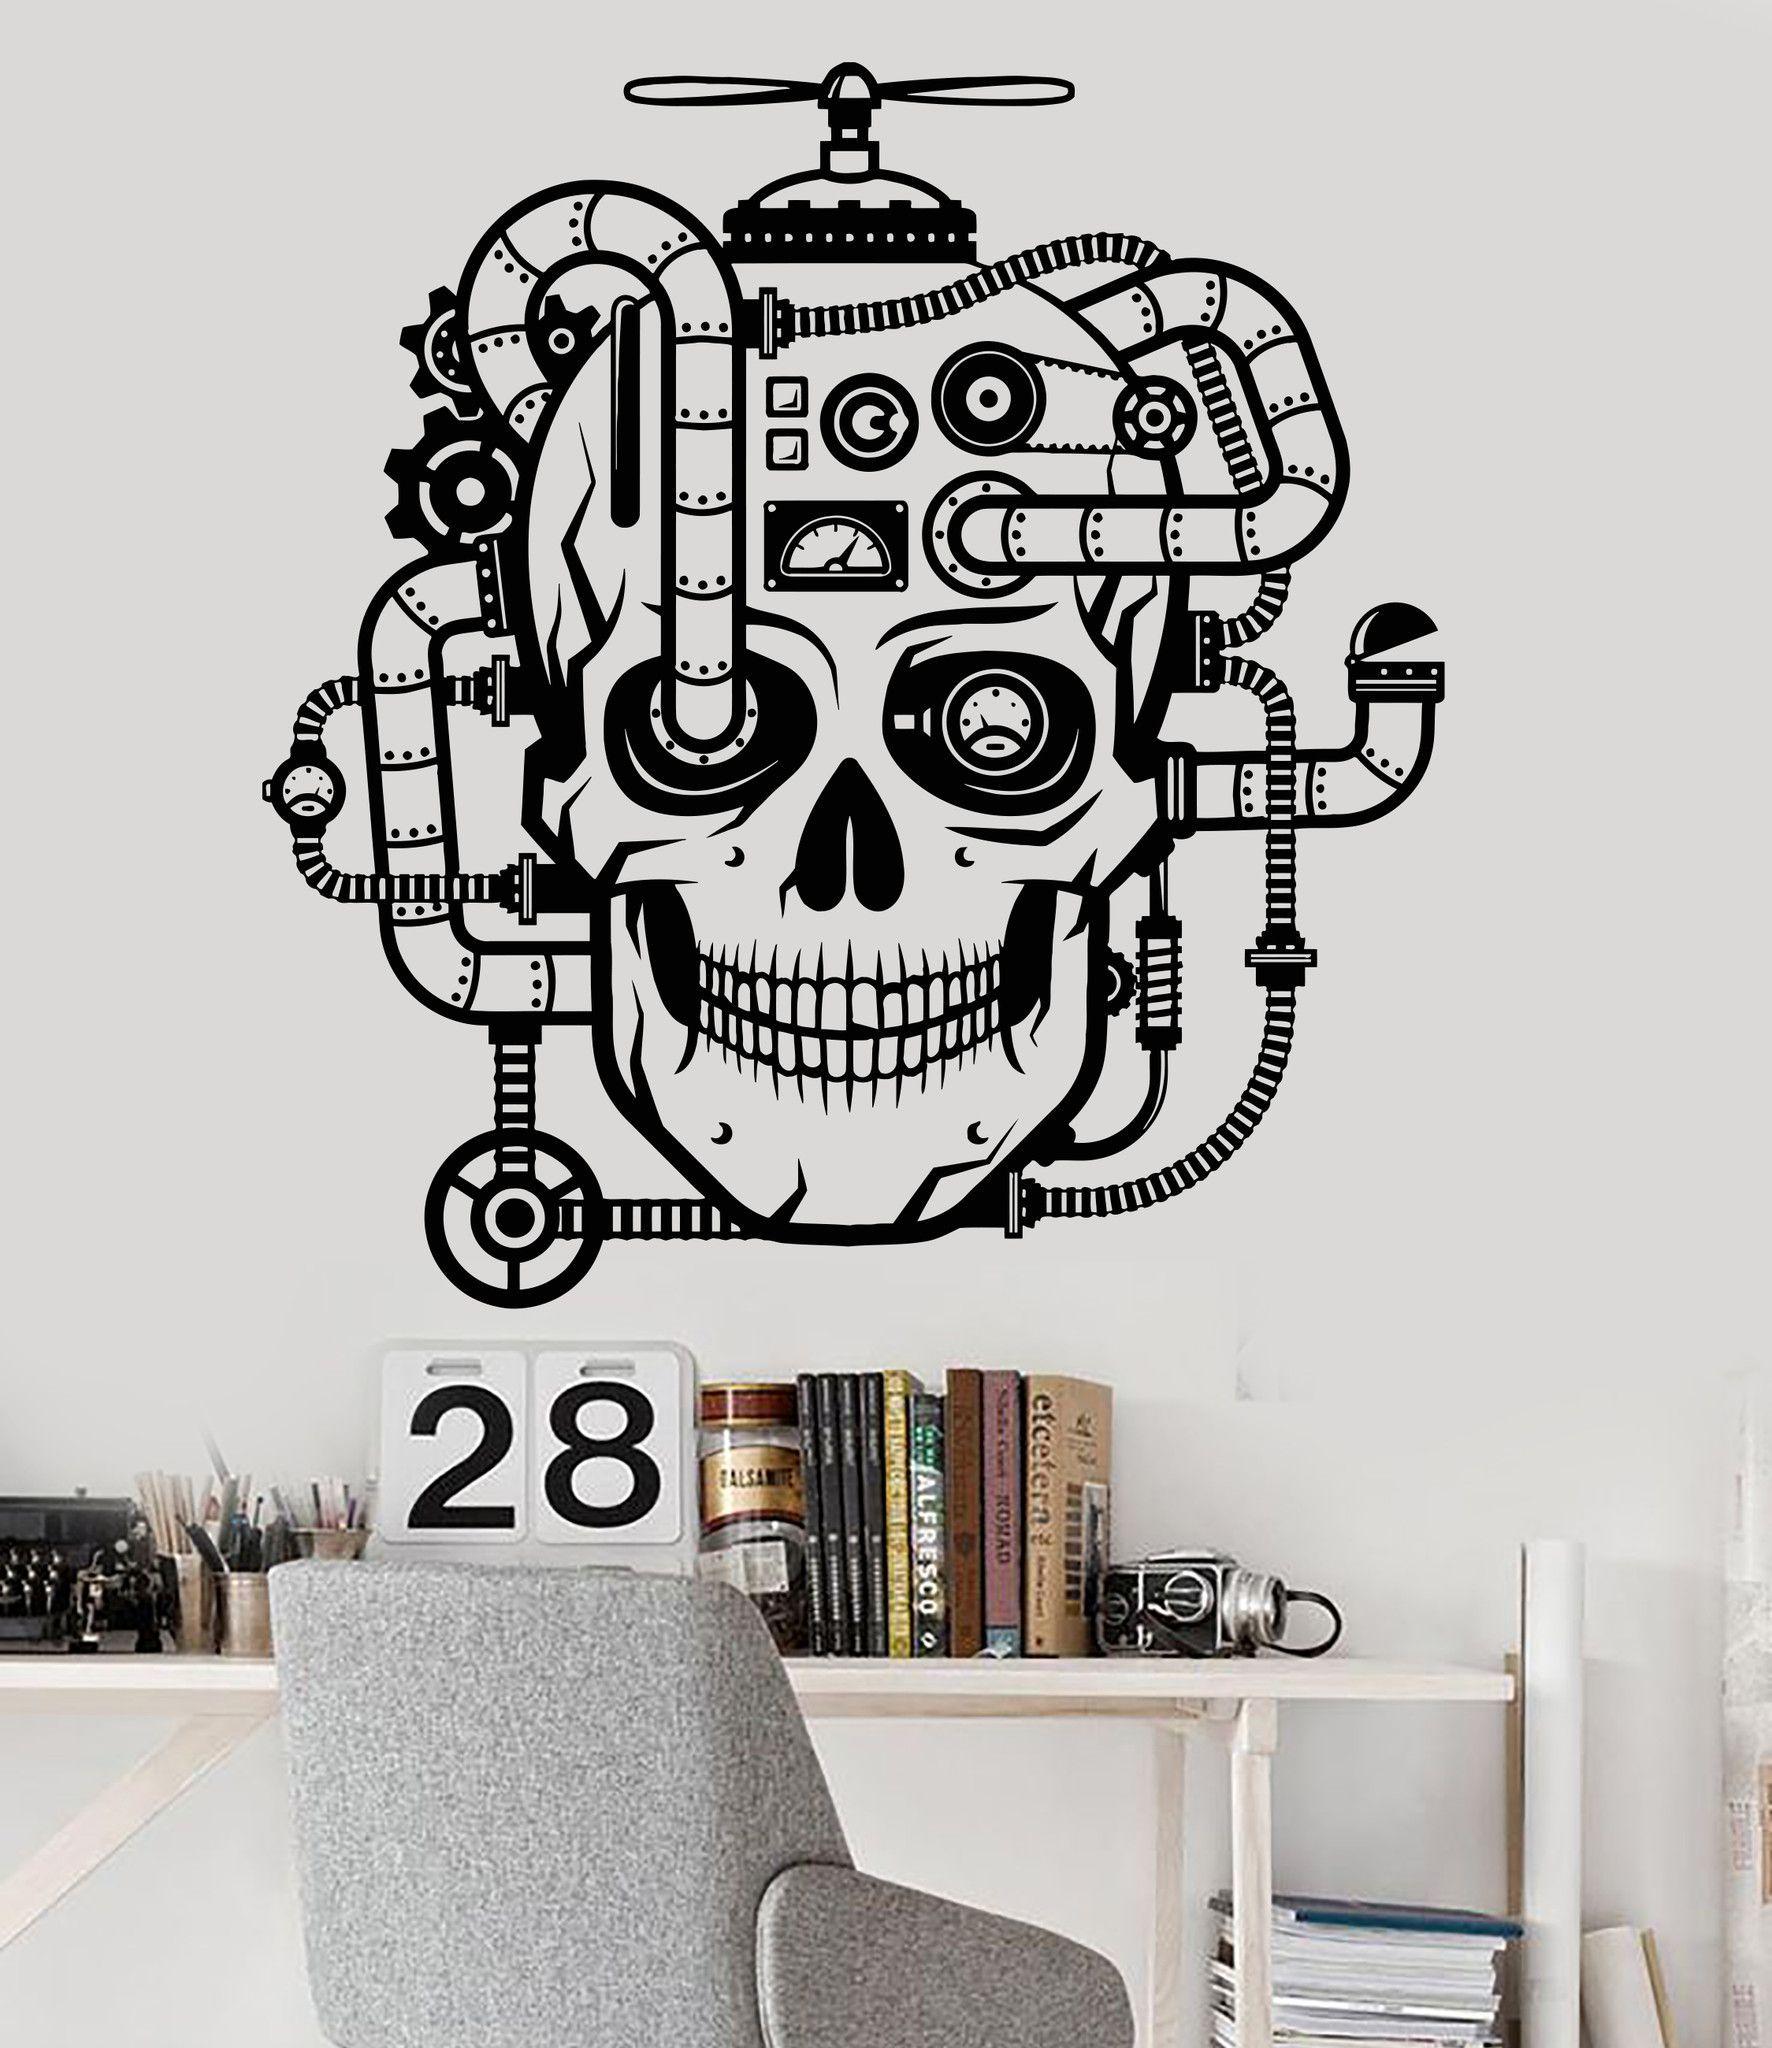 Vinyl Wall Decal Mechanical Skull Steampunk Head Robot ...